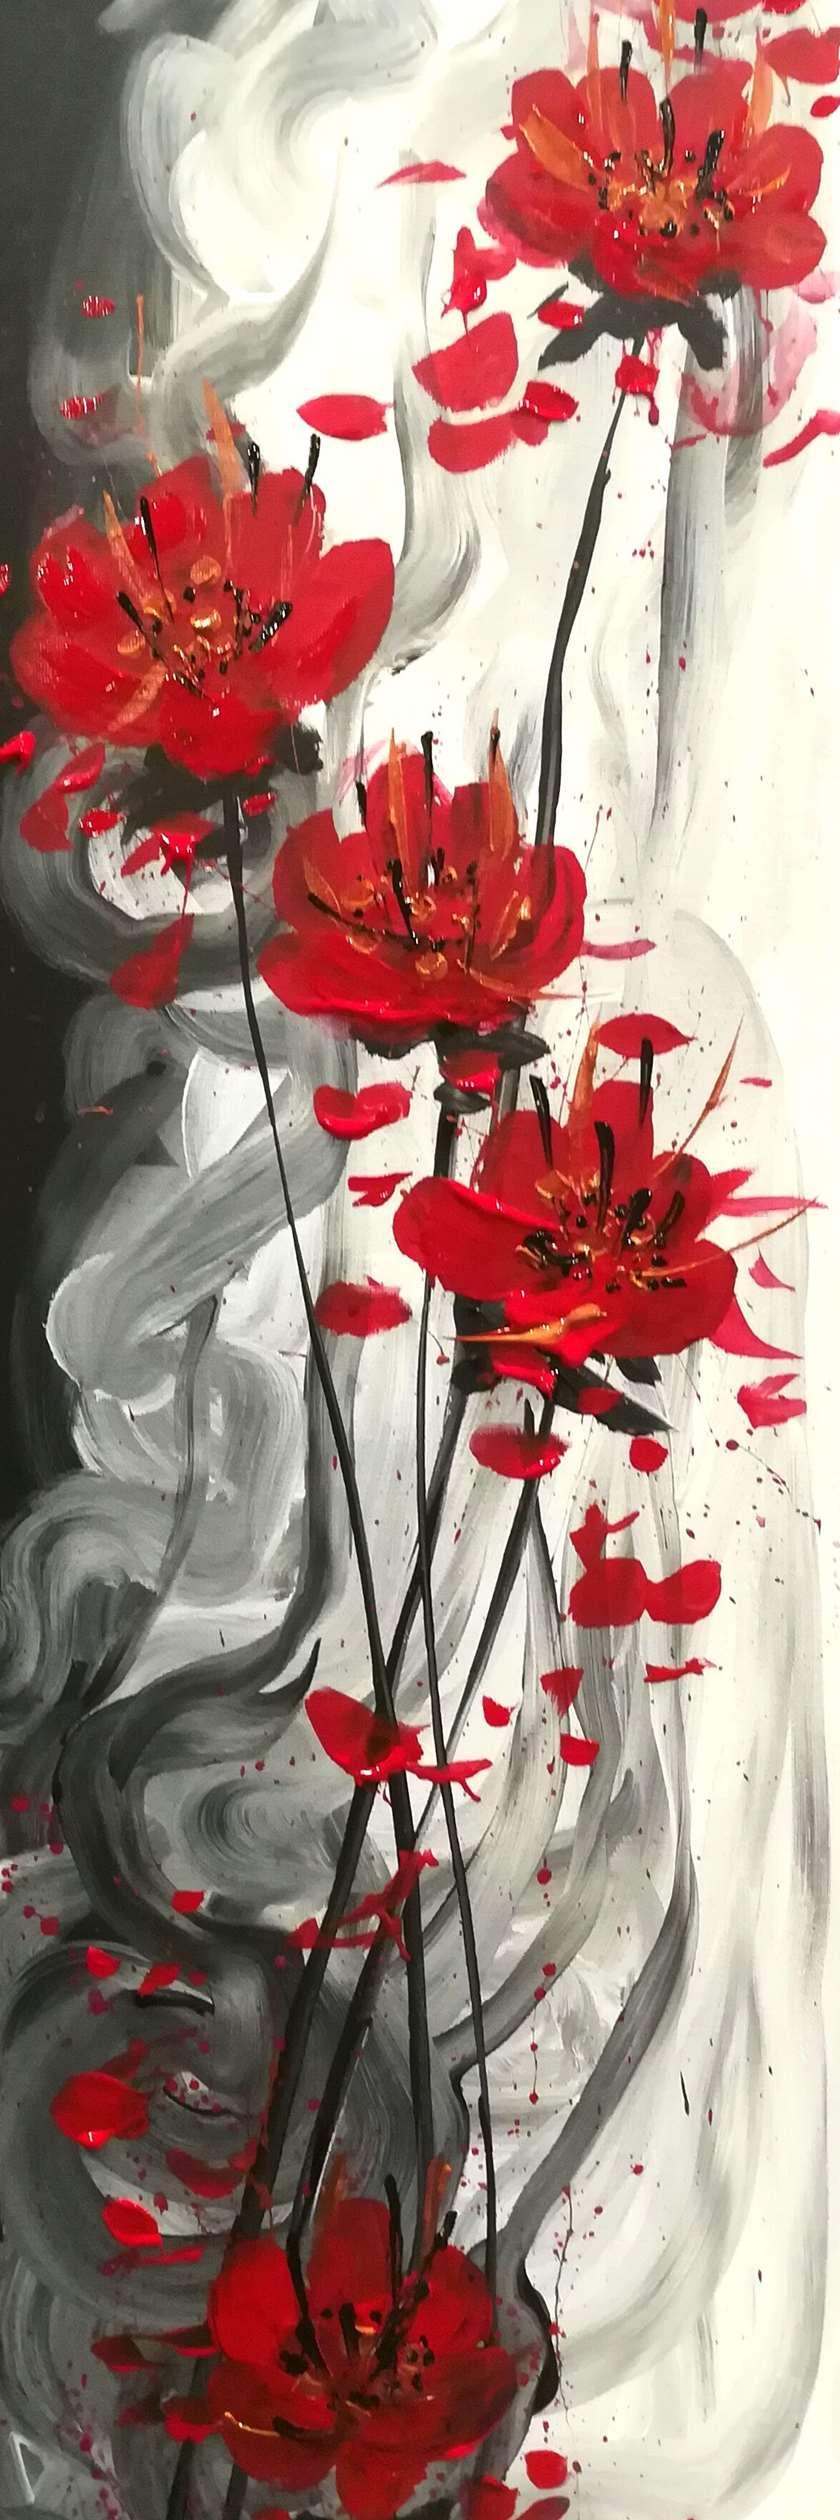 Ikebana Bliss - 10x30 canvas